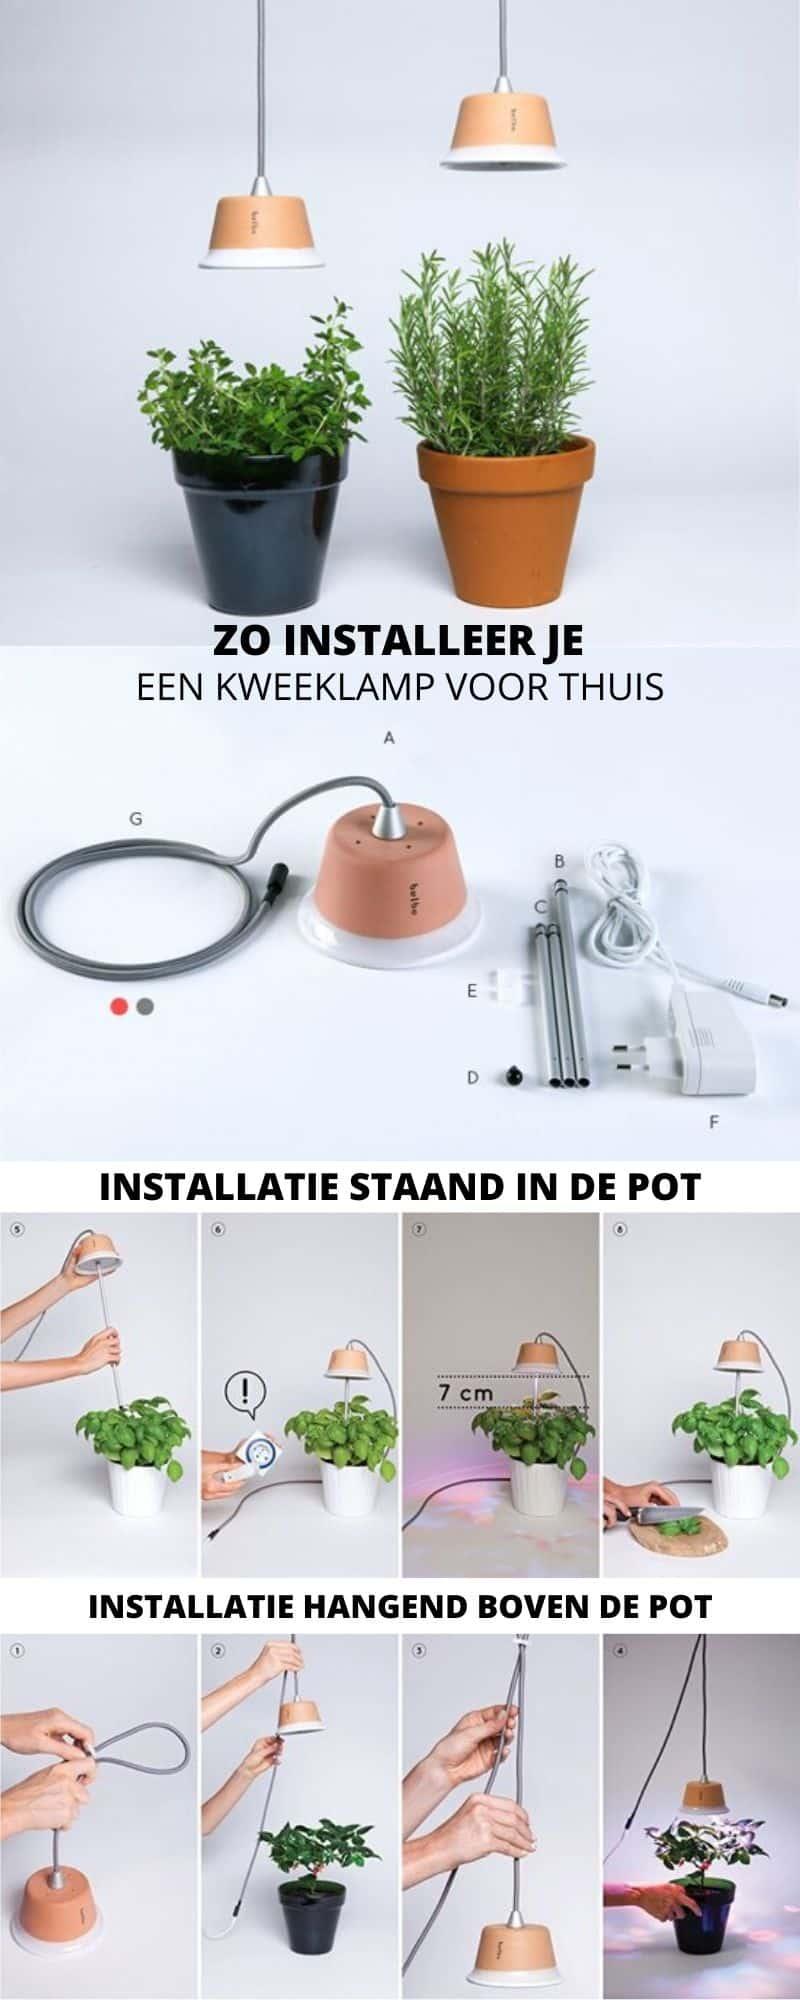 Zo installeer je een kweeklamp voor thuis